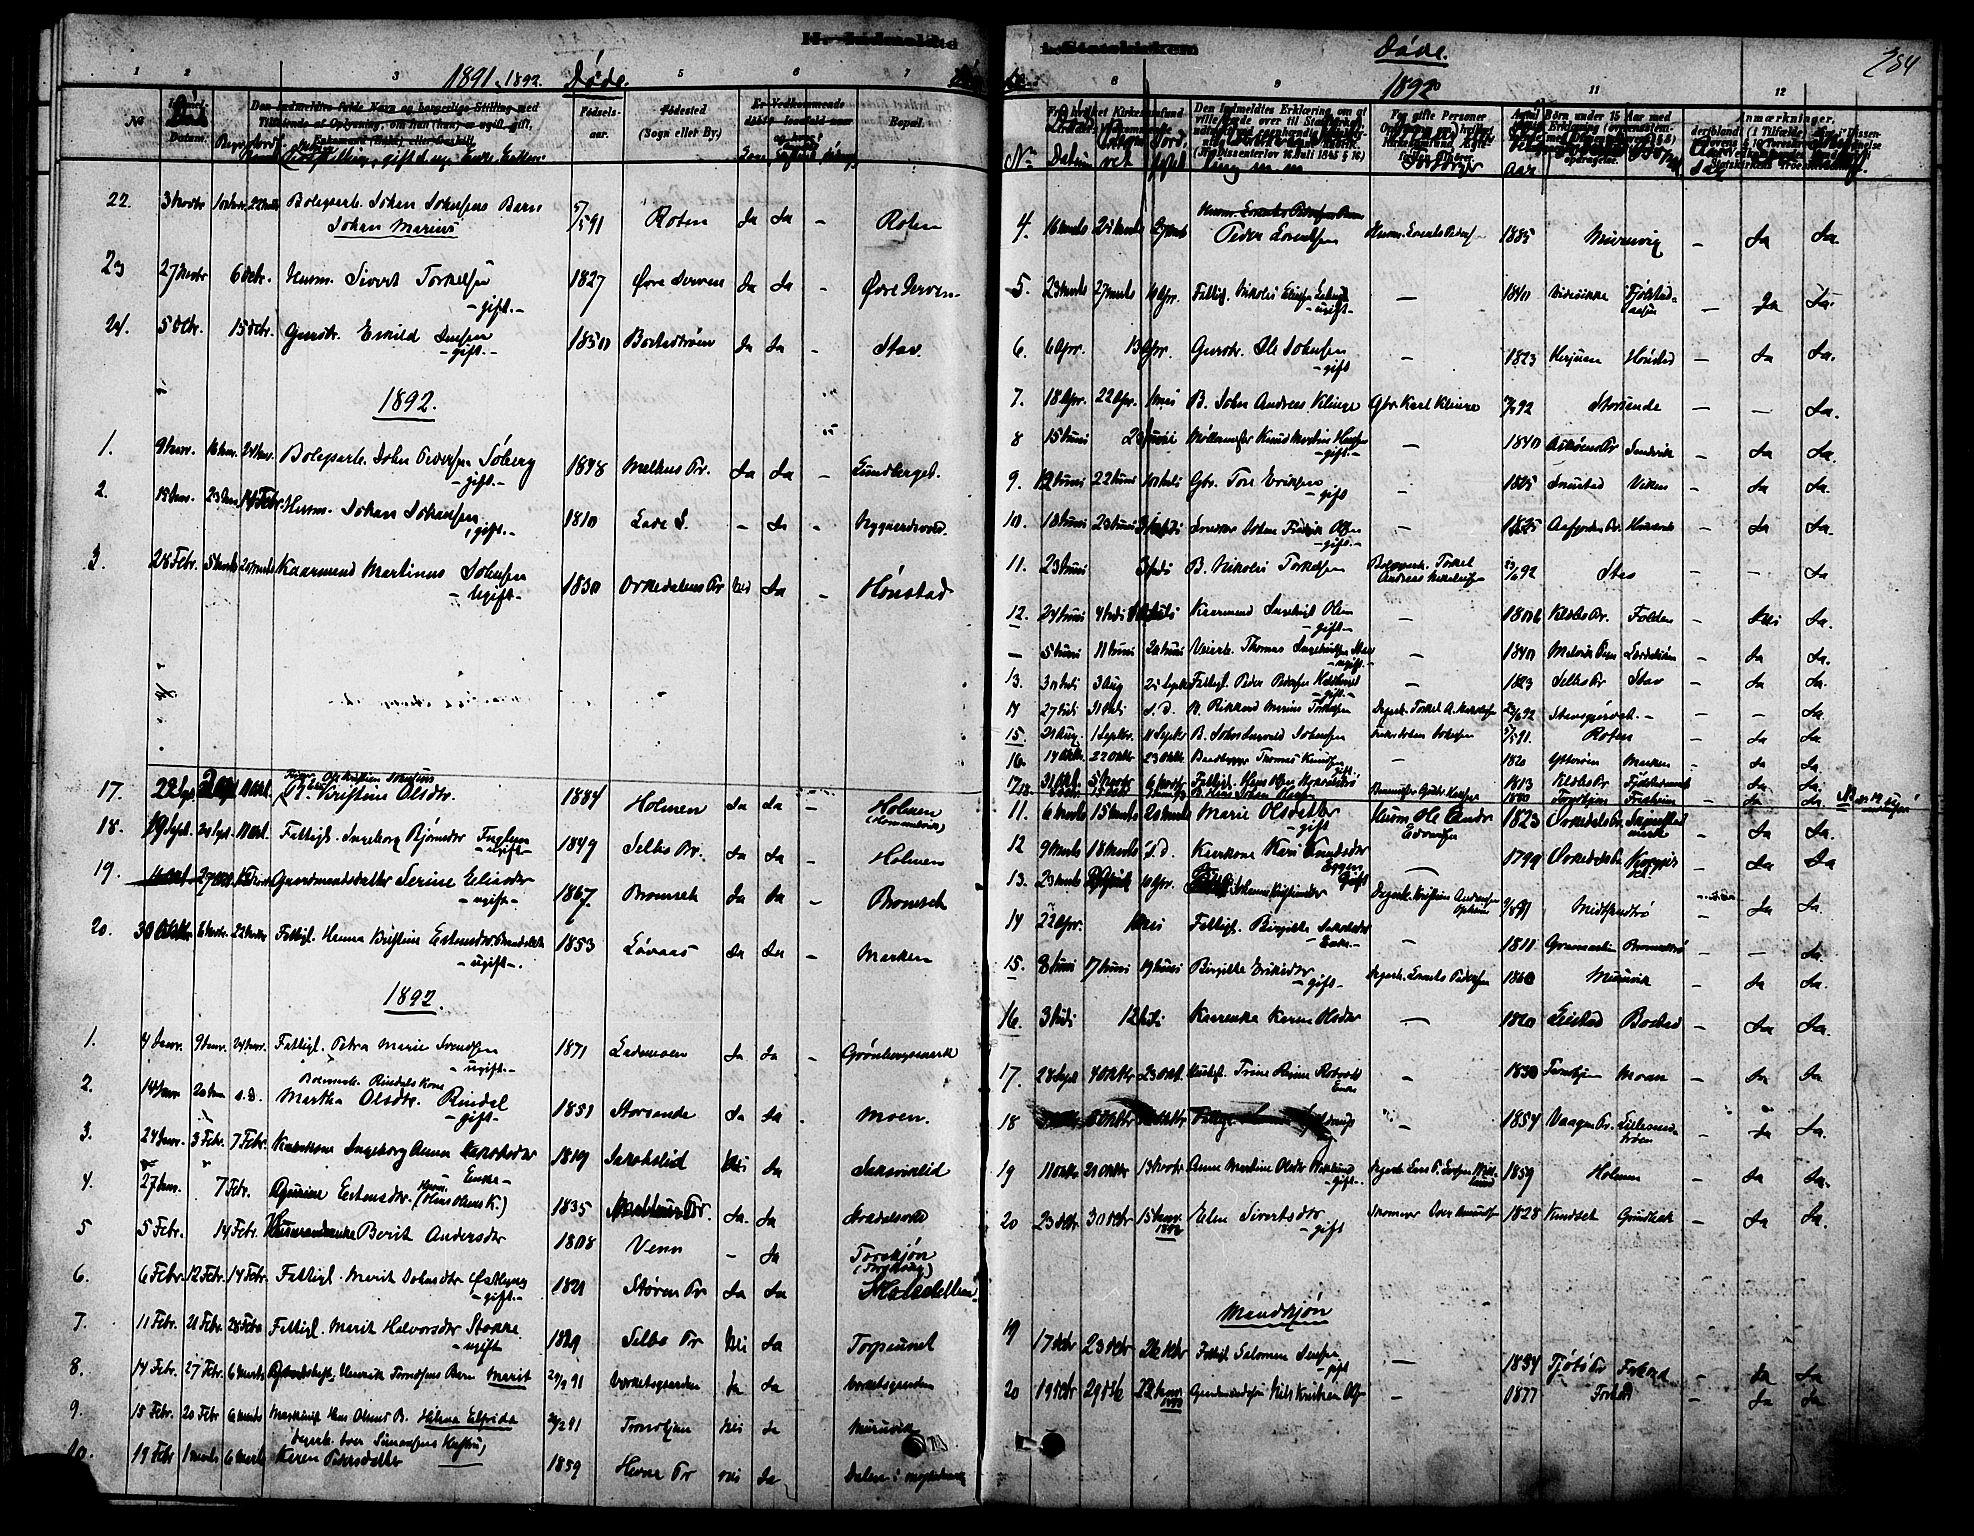 SAT, Ministerialprotokoller, klokkerbøker og fødselsregistre - Sør-Trøndelag, 616/L0410: Ministerialbok nr. 616A07, 1878-1893, s. 284